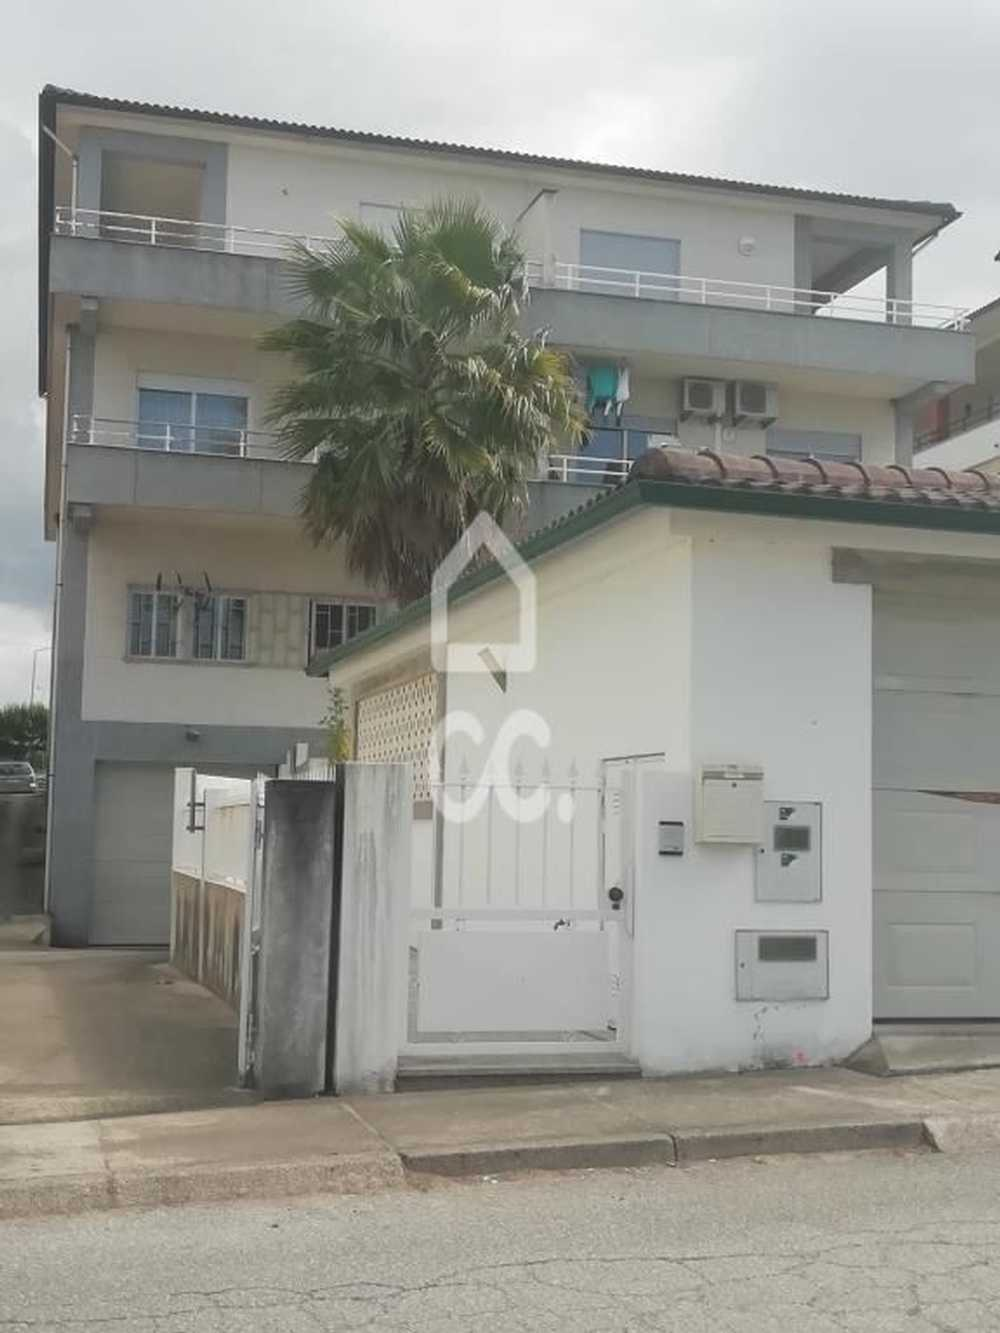 Campos Vila Nova De Cerveira casa foto #request.properties.id#